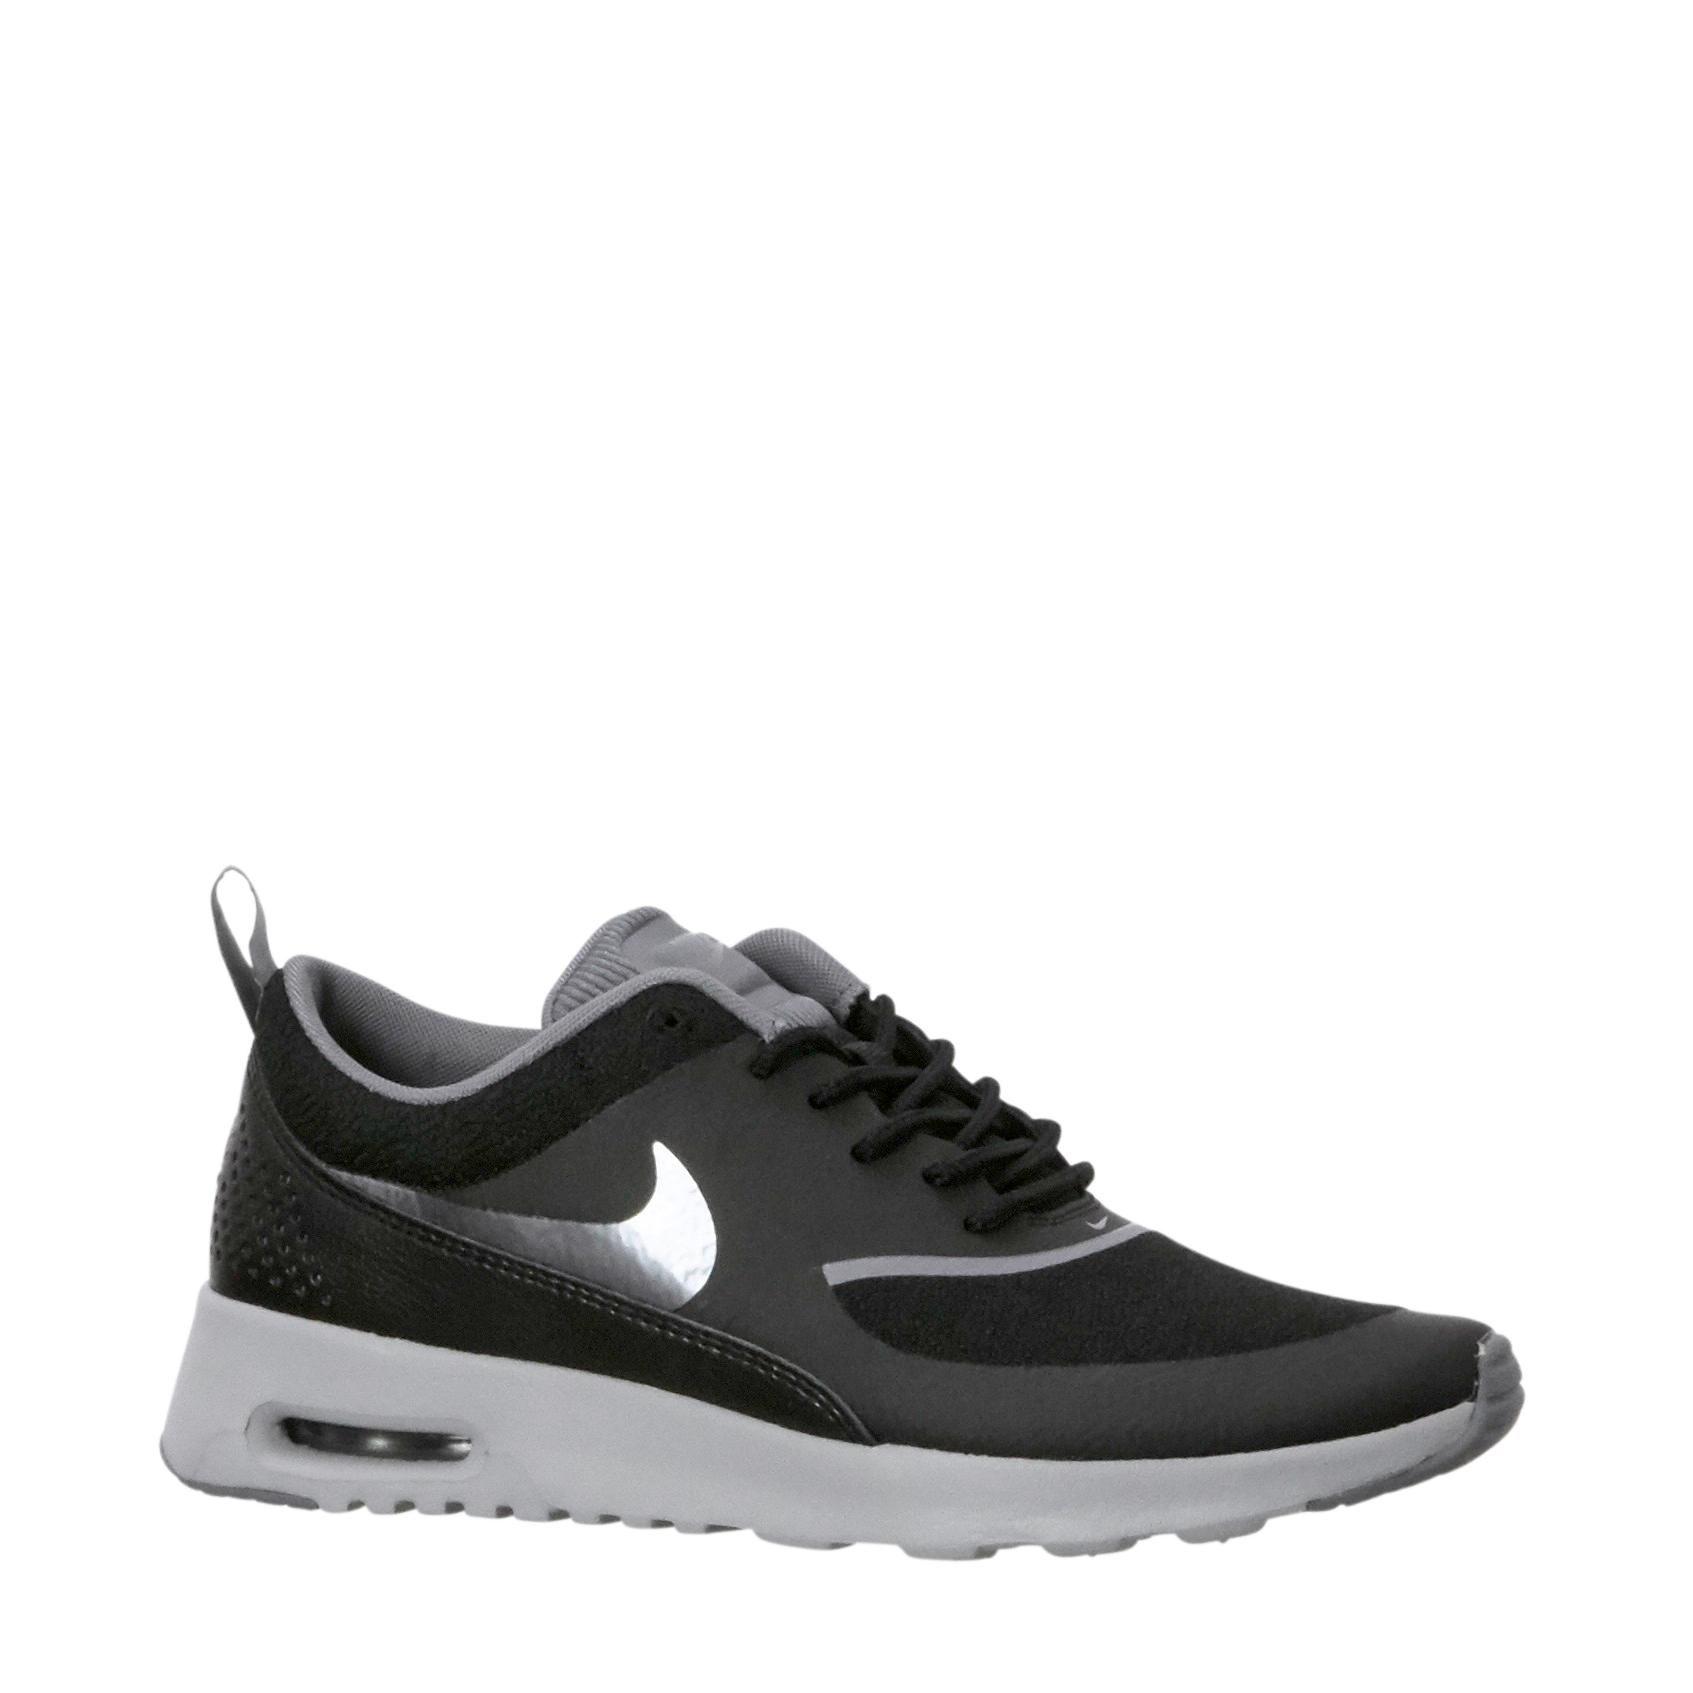 separation shoes 2c247 4a9a5 Fraaie Nike sneakers Air Max Thea (Zwartgrijs) Sneakers van het merk Nike